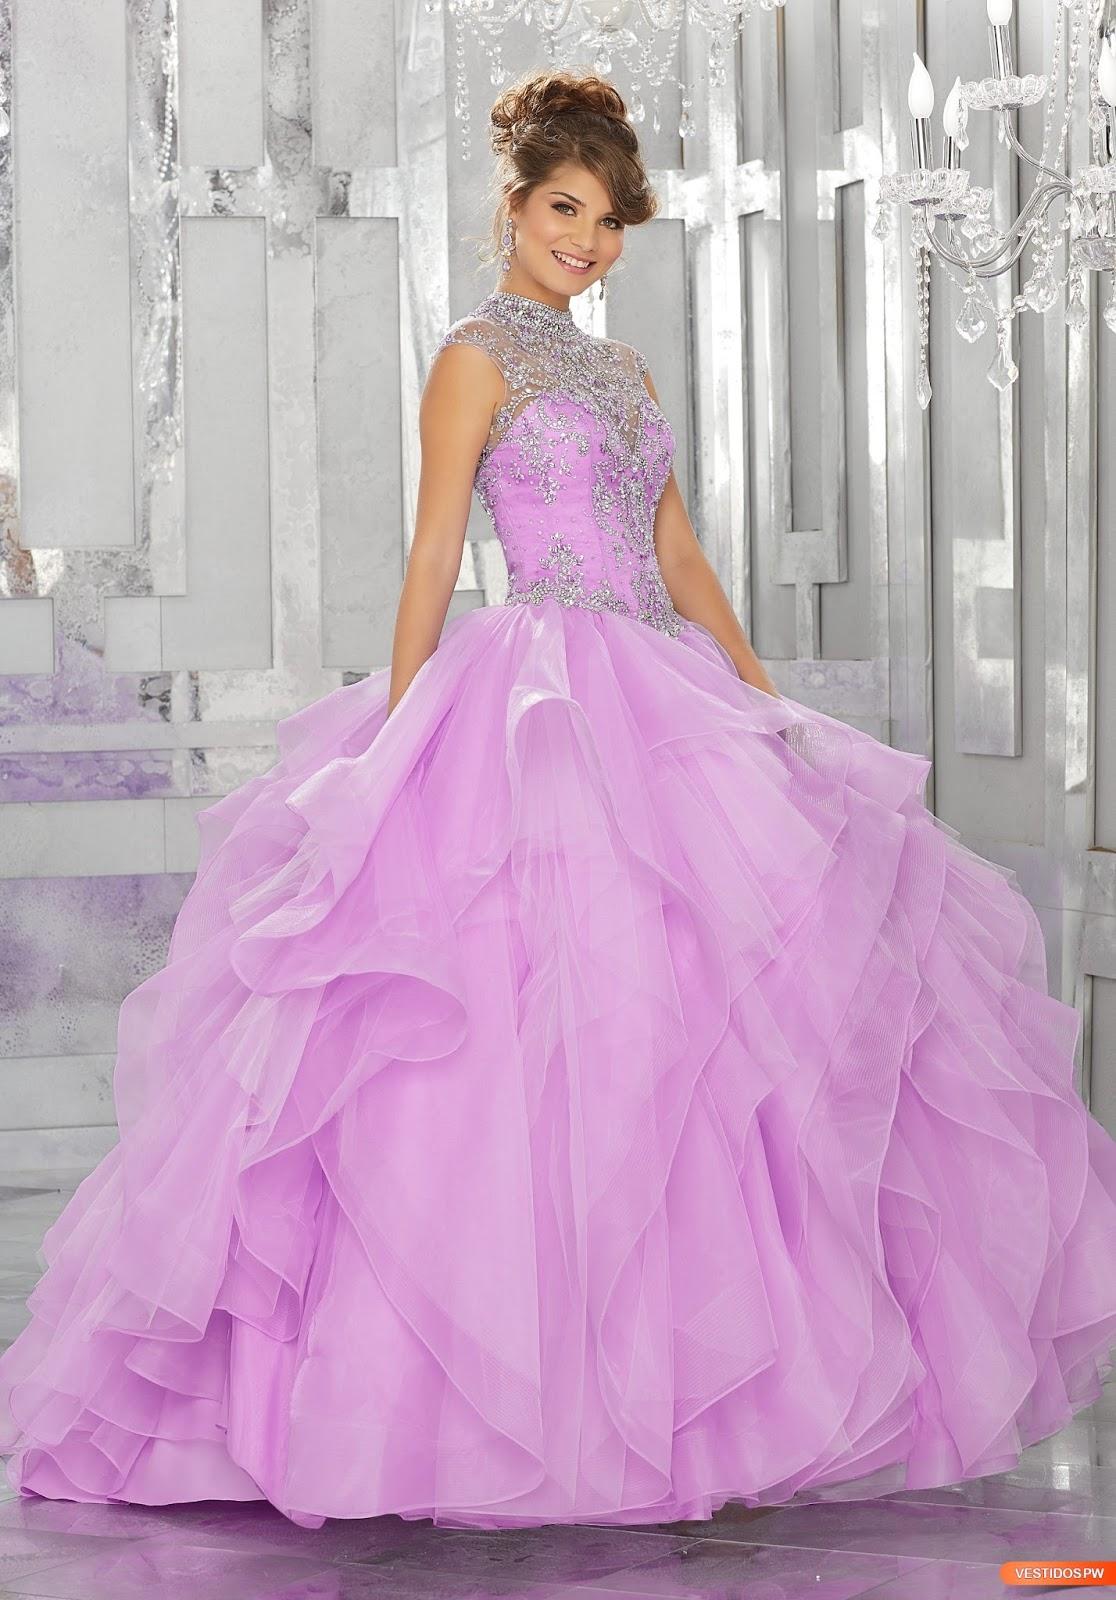 Fantástico Vestidos Violeta Prom Imagen - Ideas de Vestido para La ...